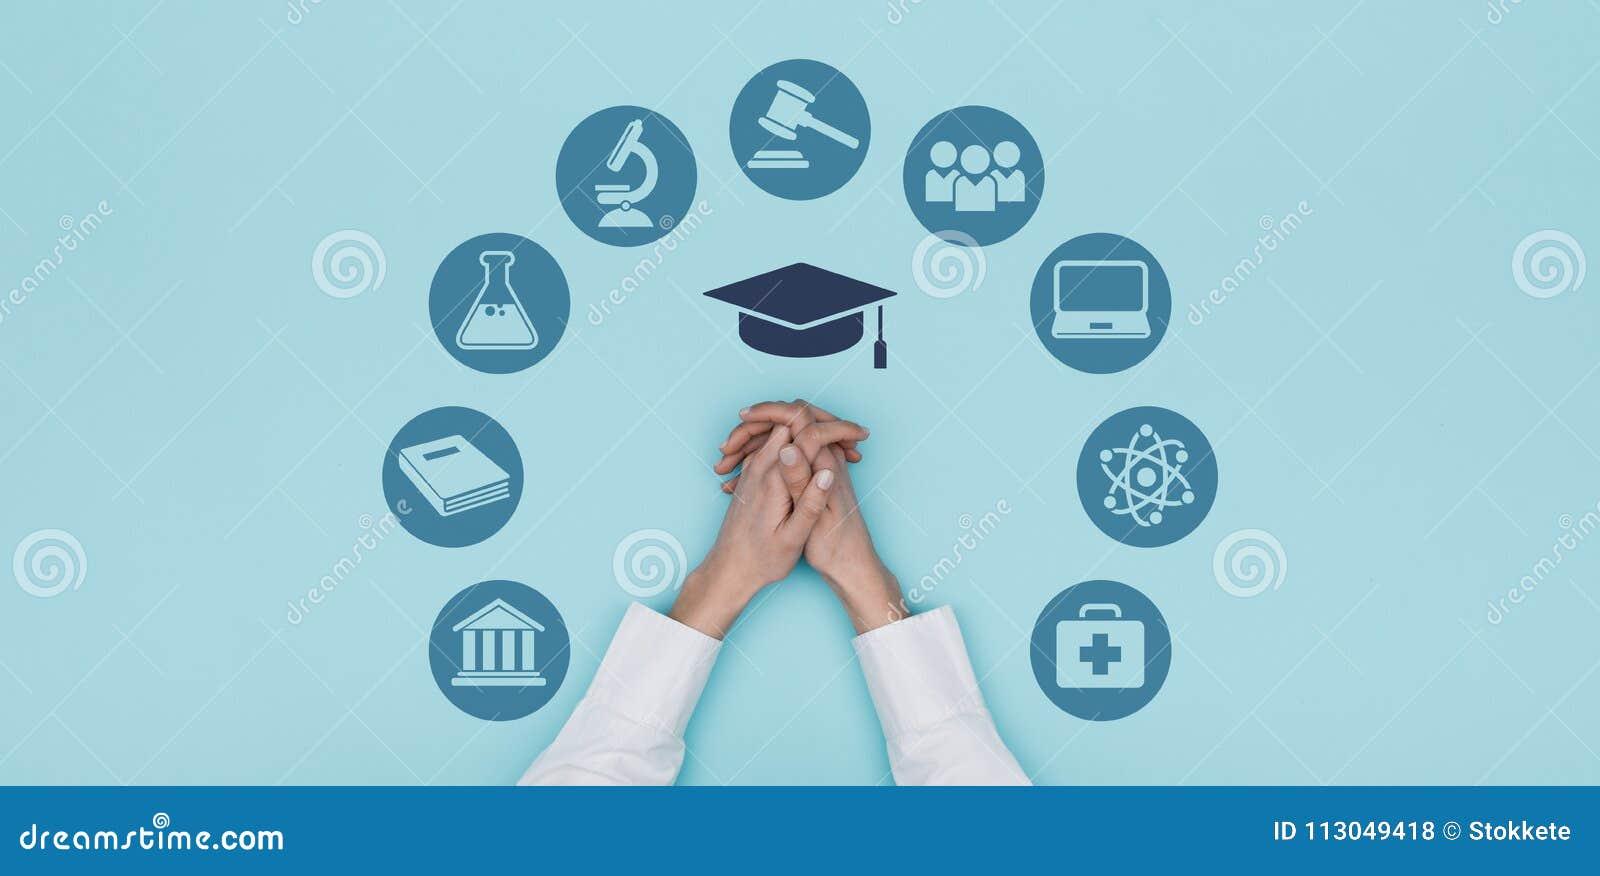 Iconos de la universidad y de la educación